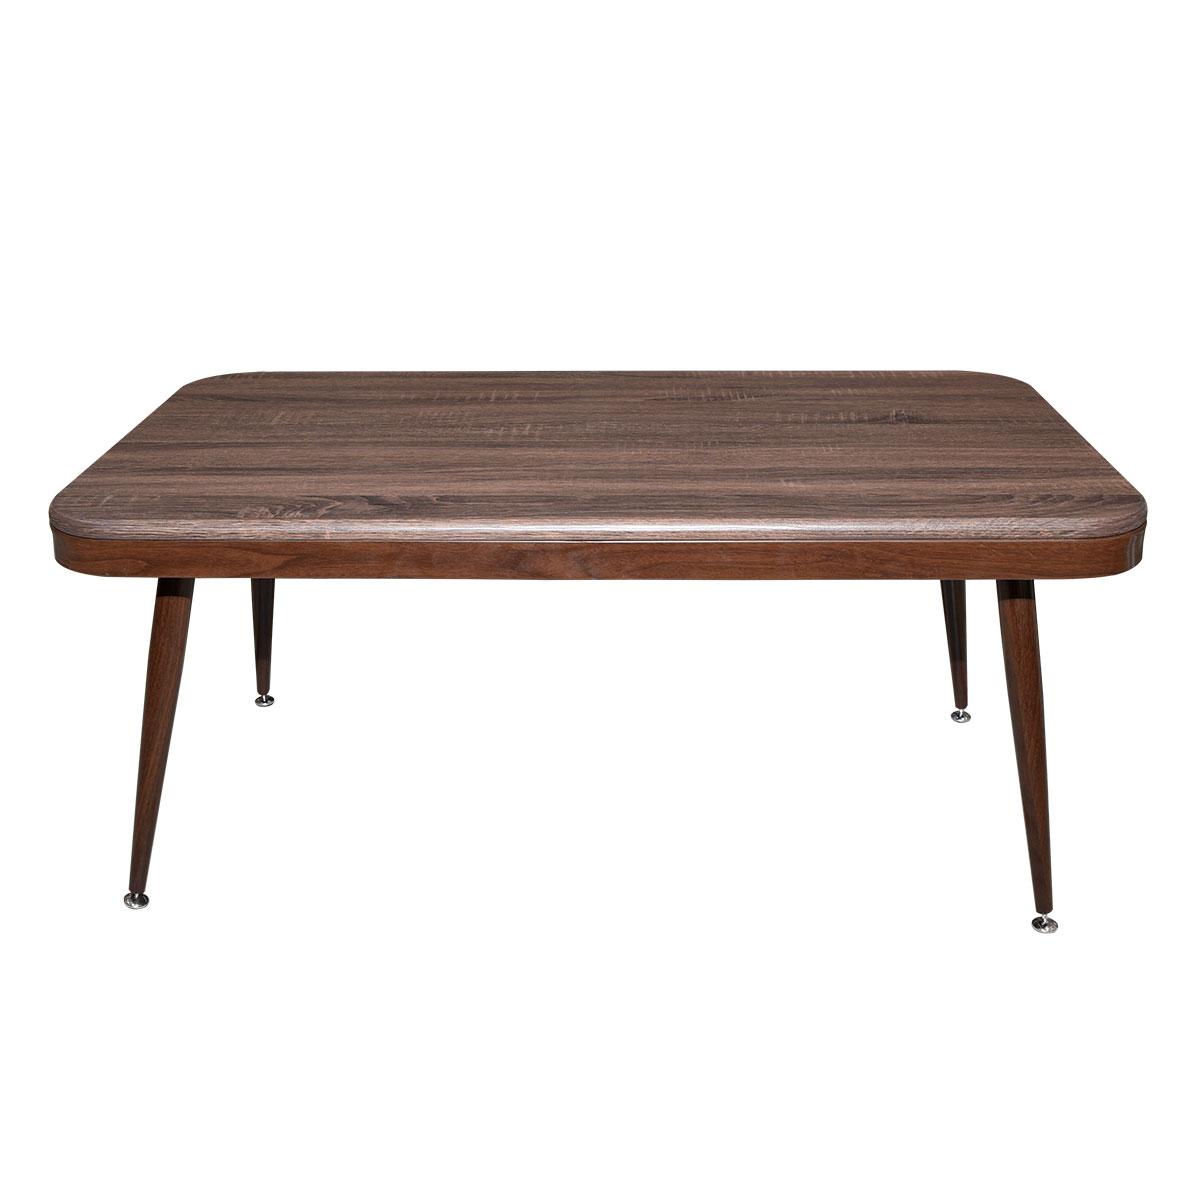 طاولة تقديم وخدمة خشب مستطيل , متعدد الالوان , موديل MT-05